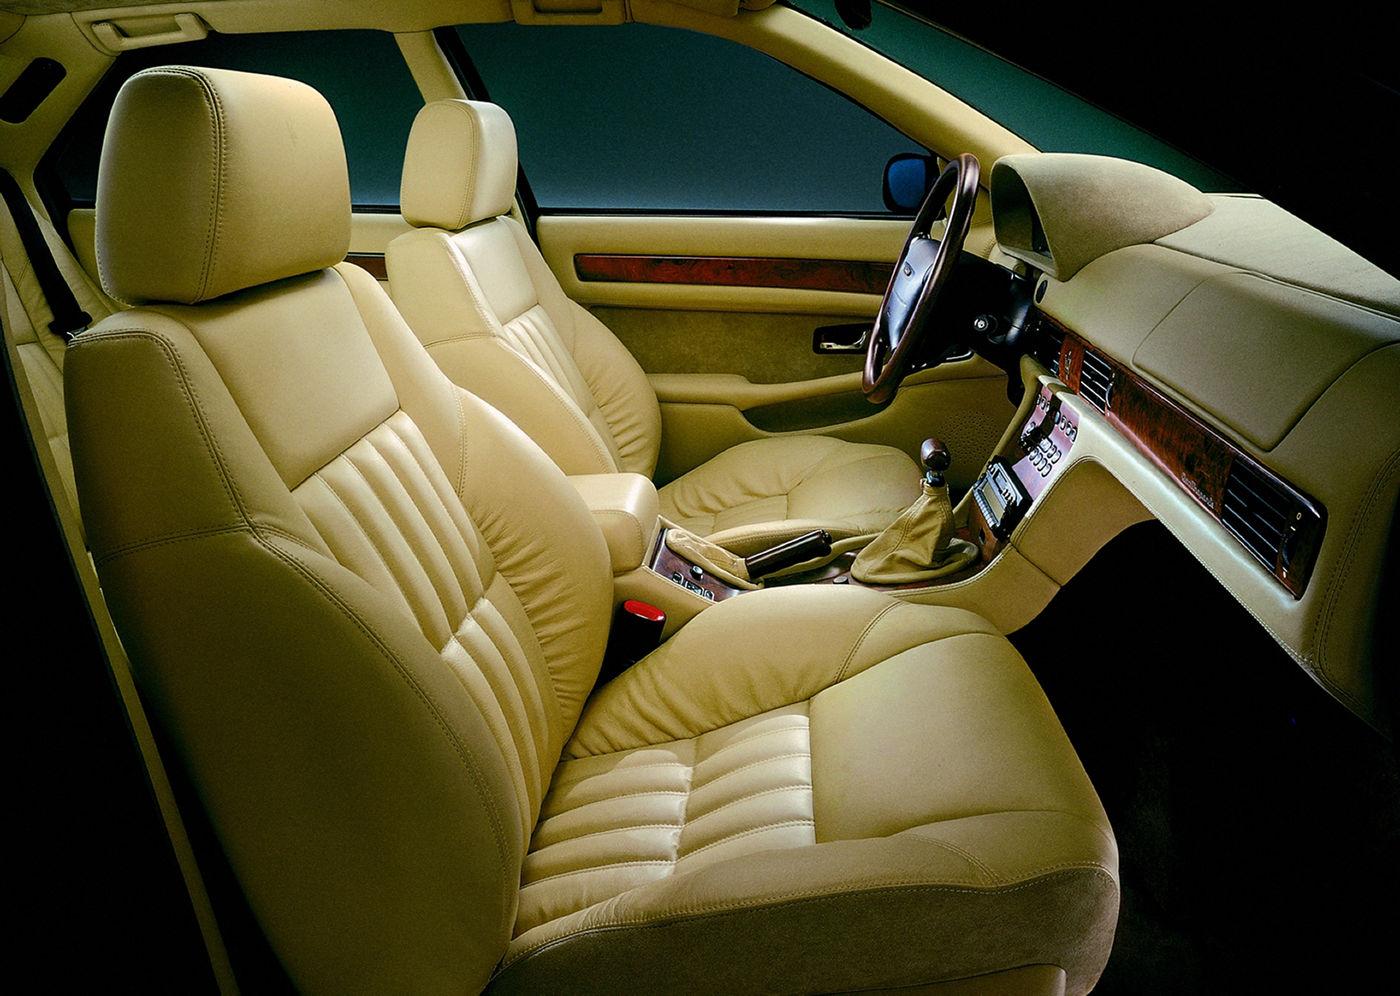 1998 Maserati Quattroporte IV Evoluzione - interior view of the 5-seater sedan